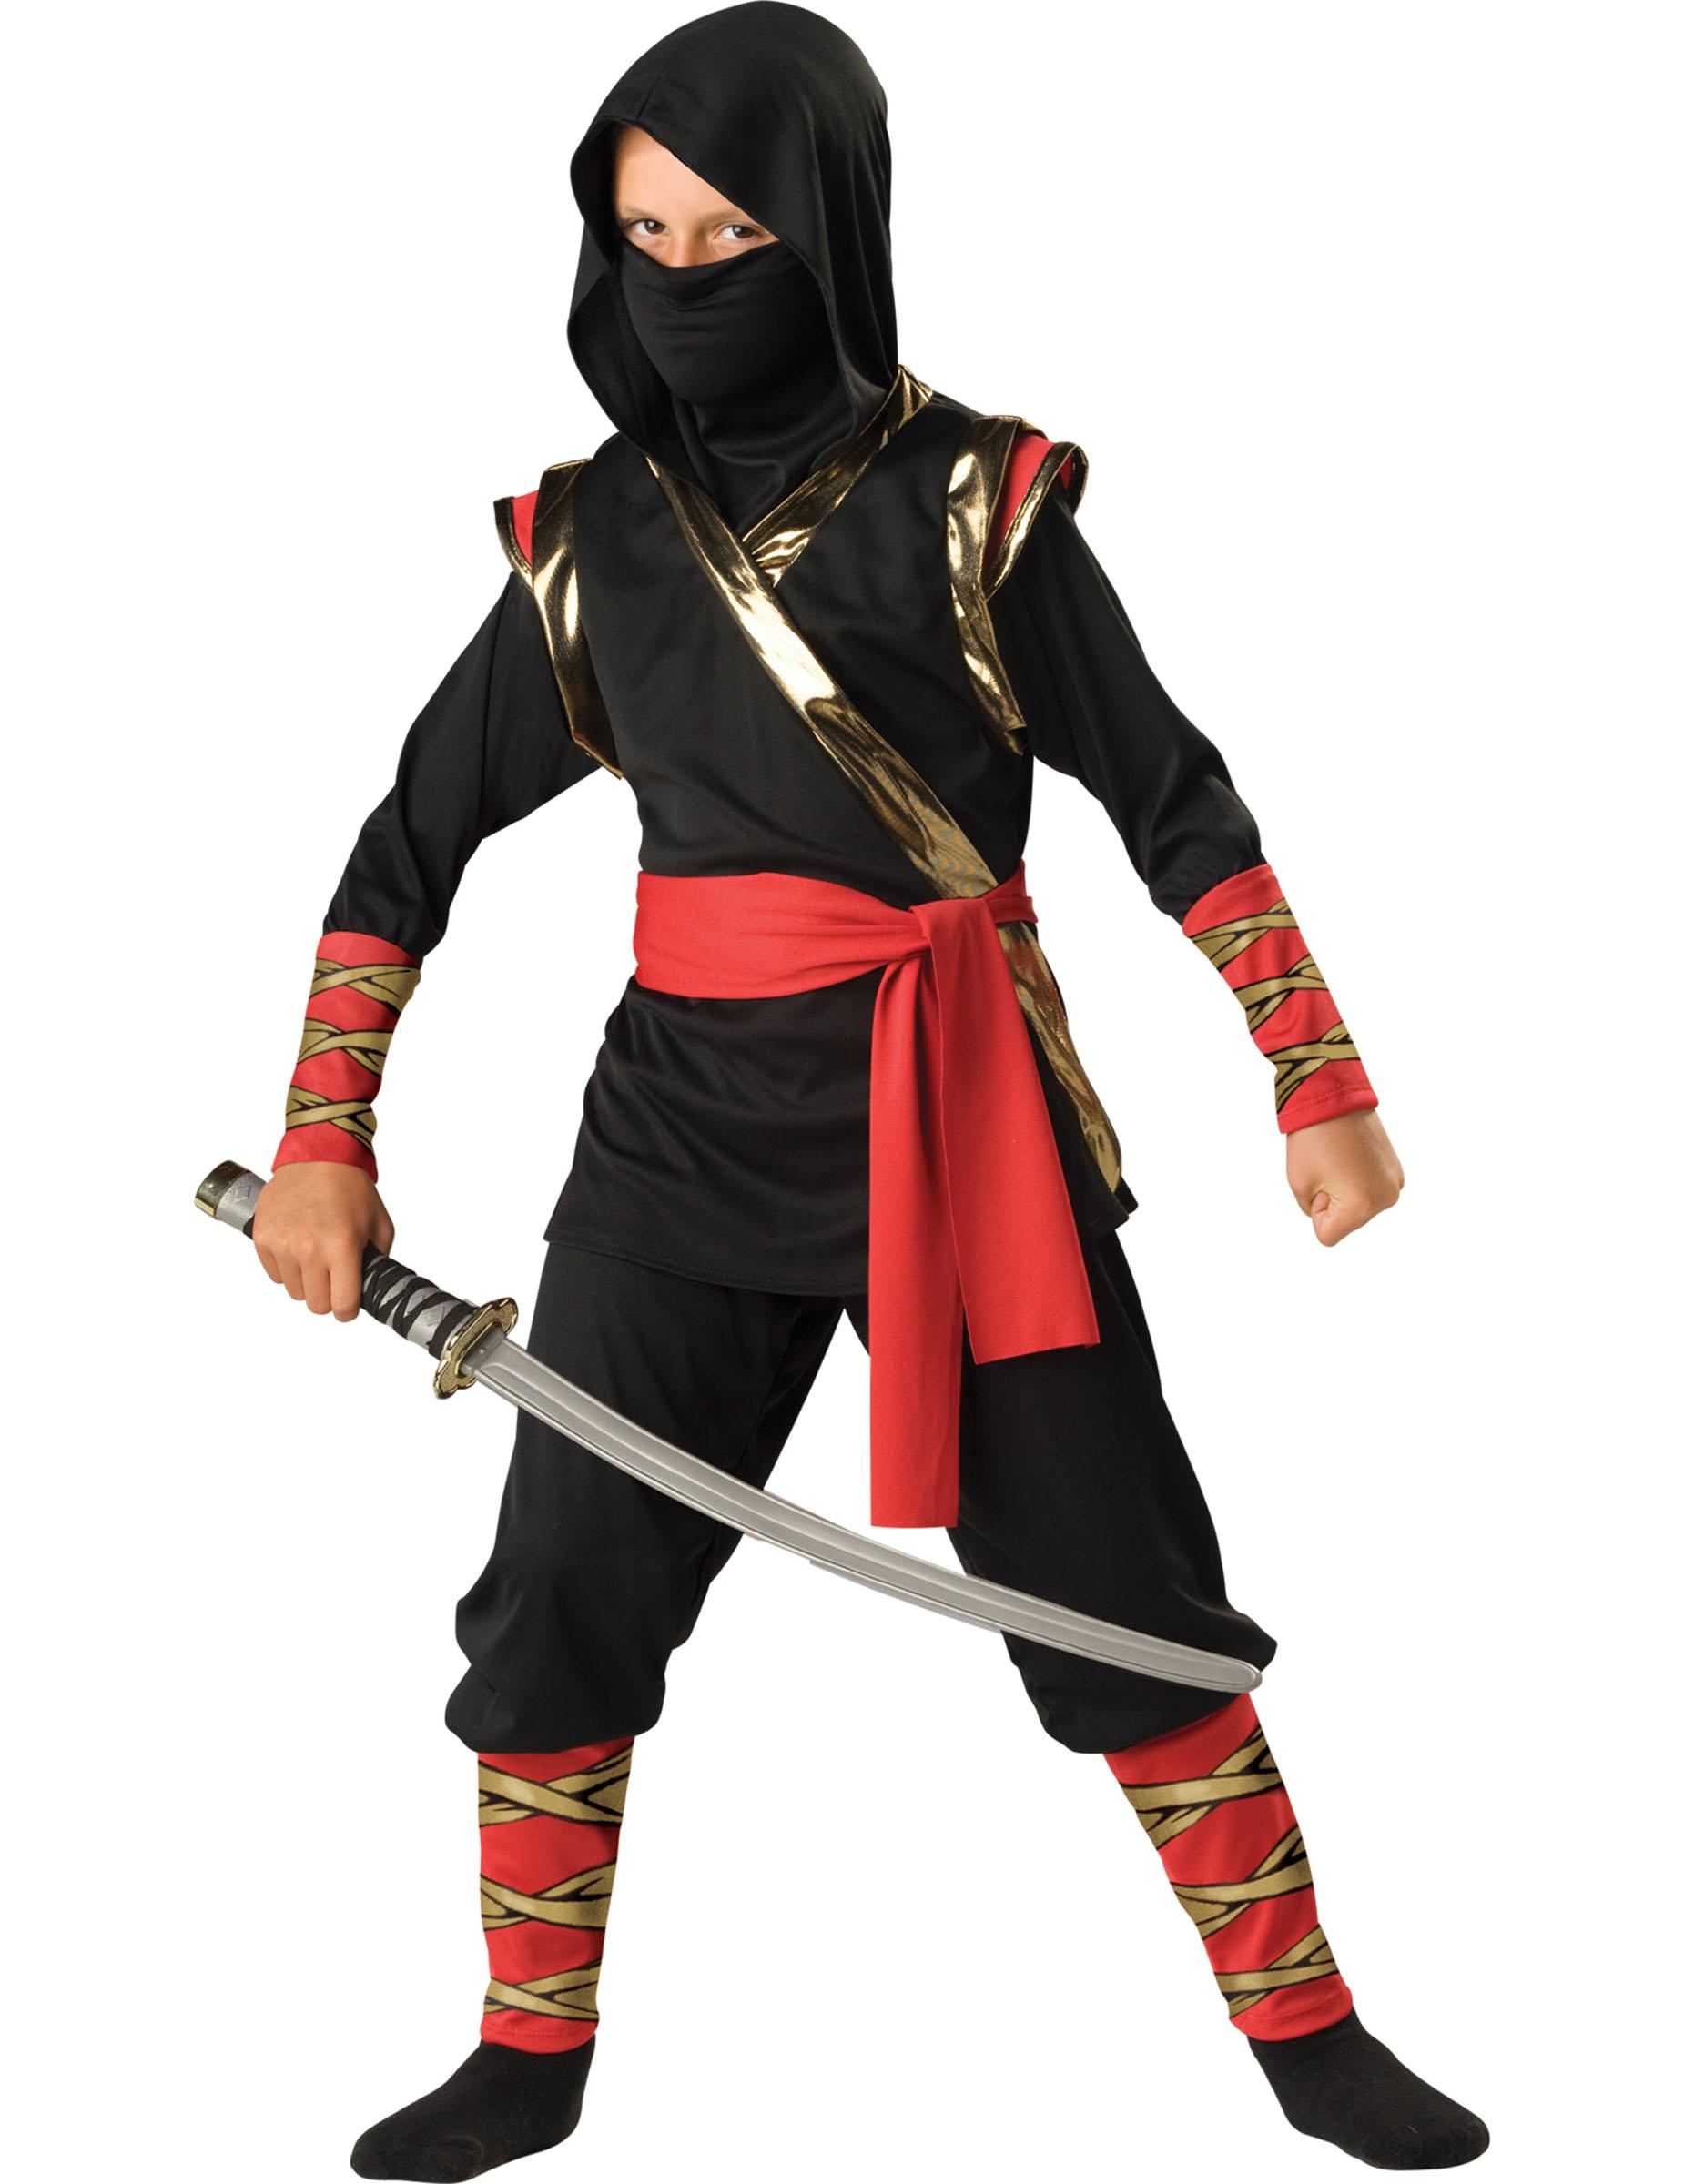 scarpe sportive A basso prezzo qualità Costume ninja per bambino , - Premium su VegaooParty, negozio di articoli  per feste